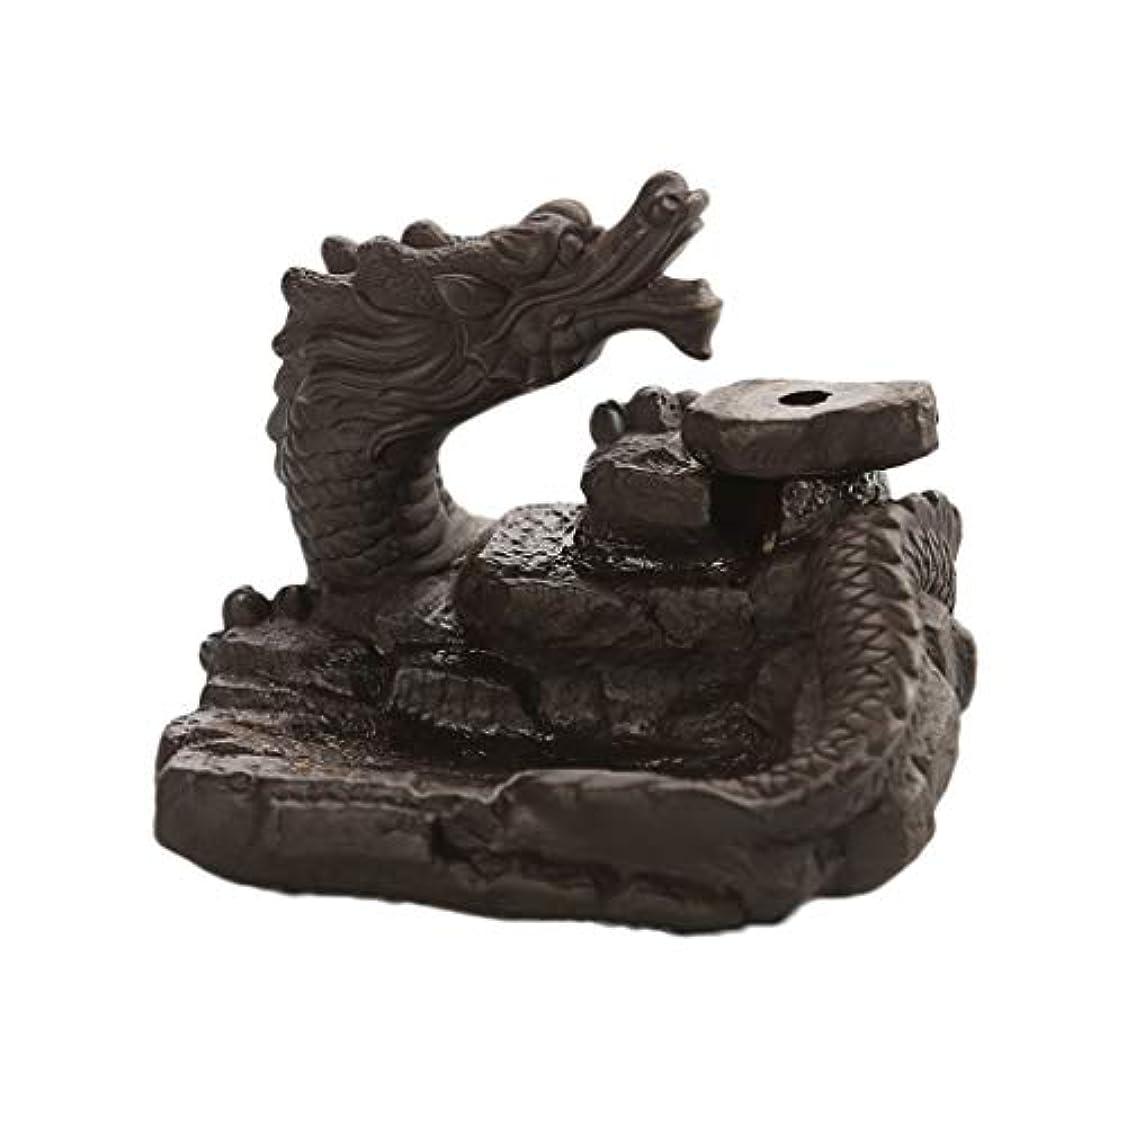 ジャグリングチャンスなめらかな家の装飾ドラゴン逆流還流香バーナーセラミックスティックホルダーコーンセンサー茶室飾り香炉 (Color : Black, サイズ : 3.46*3.14*2.36 inches)